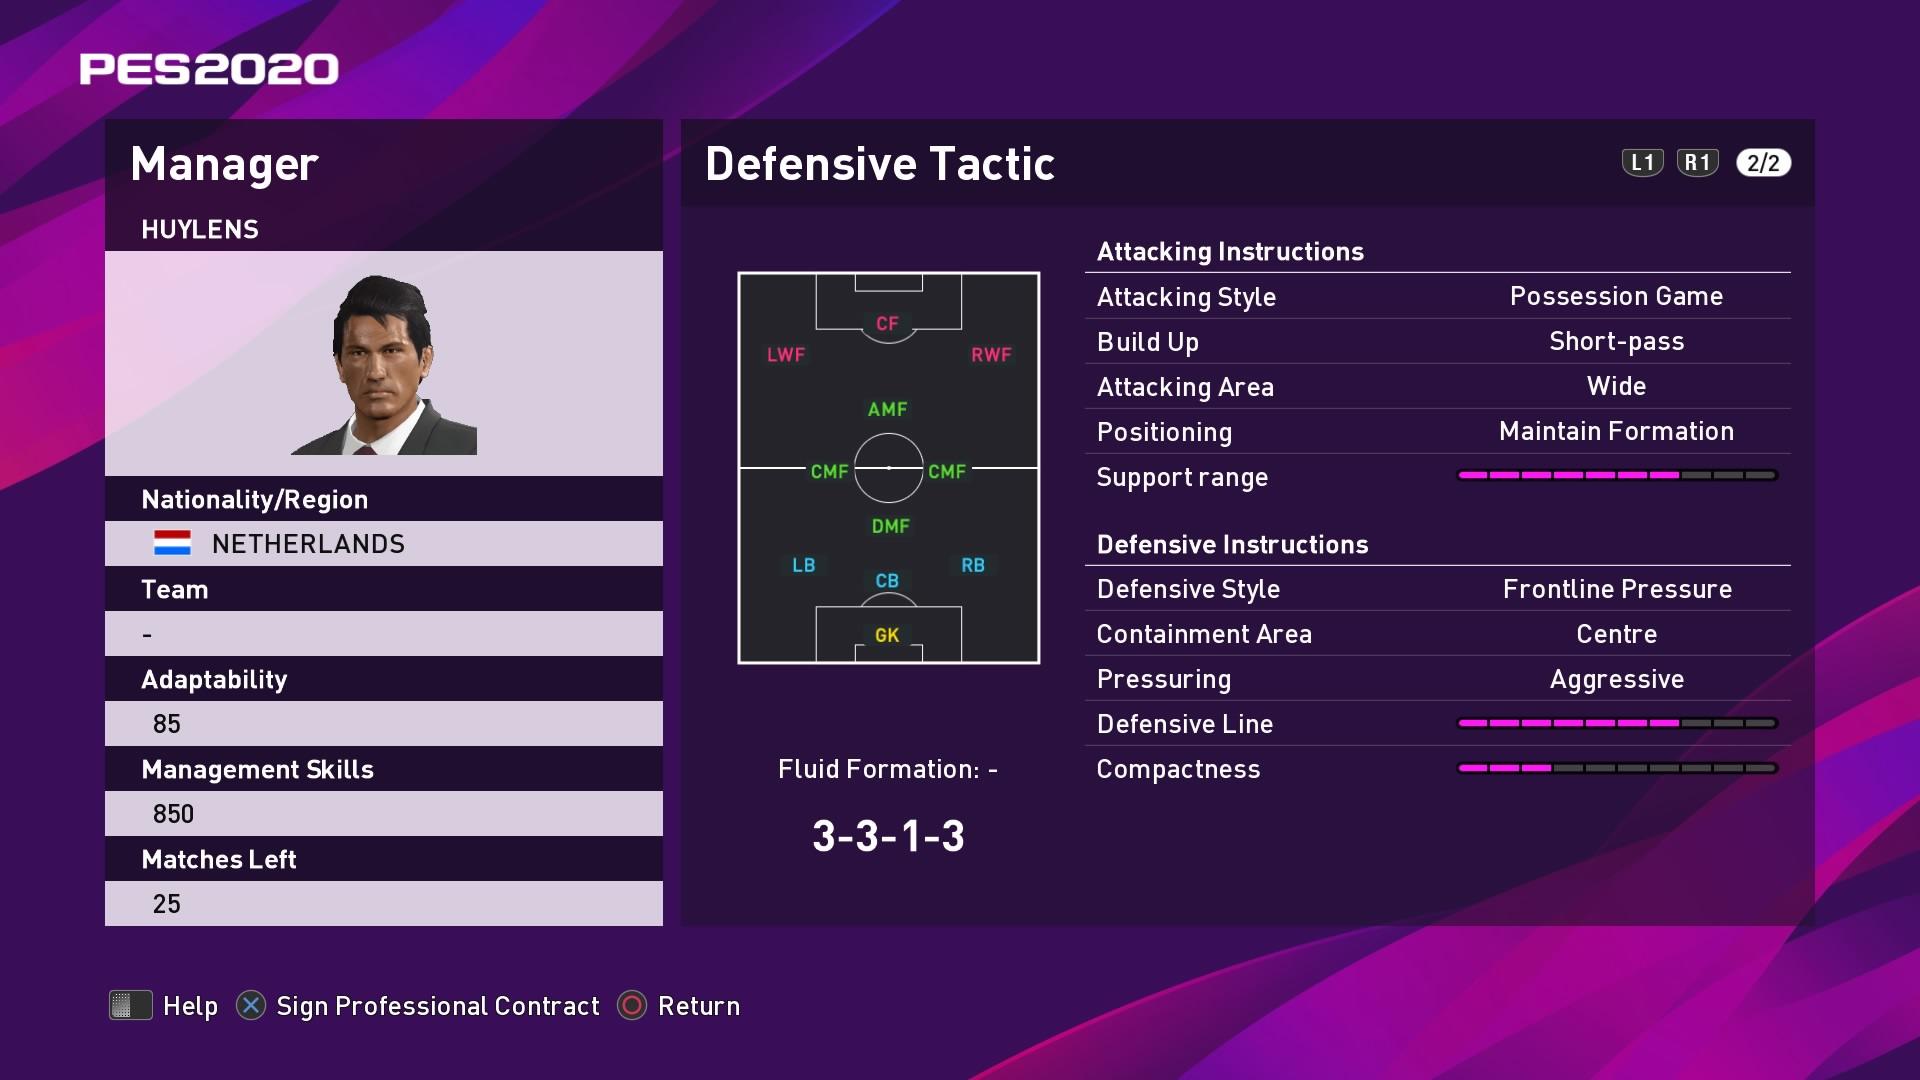 Huylens Defensive Tactic in PES 2020 myClub